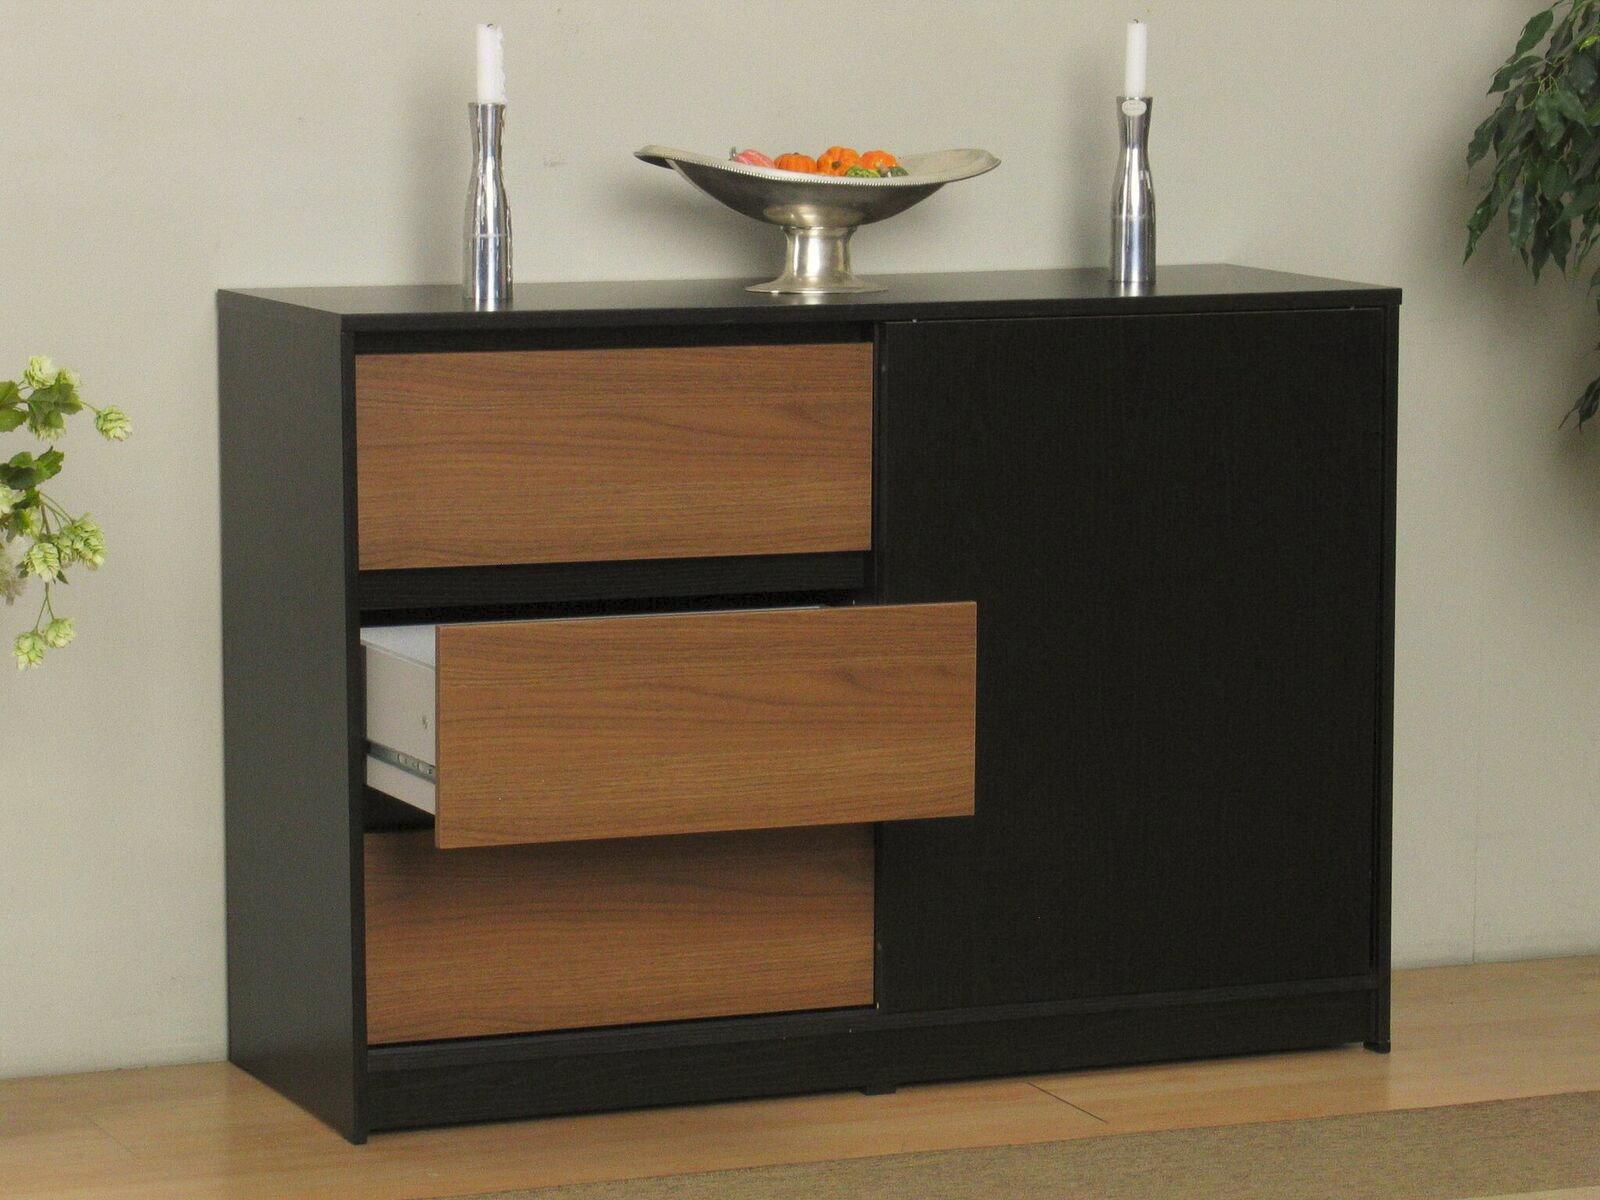 kommode cicci sideboard schubladen schrank highboard. Black Bedroom Furniture Sets. Home Design Ideas